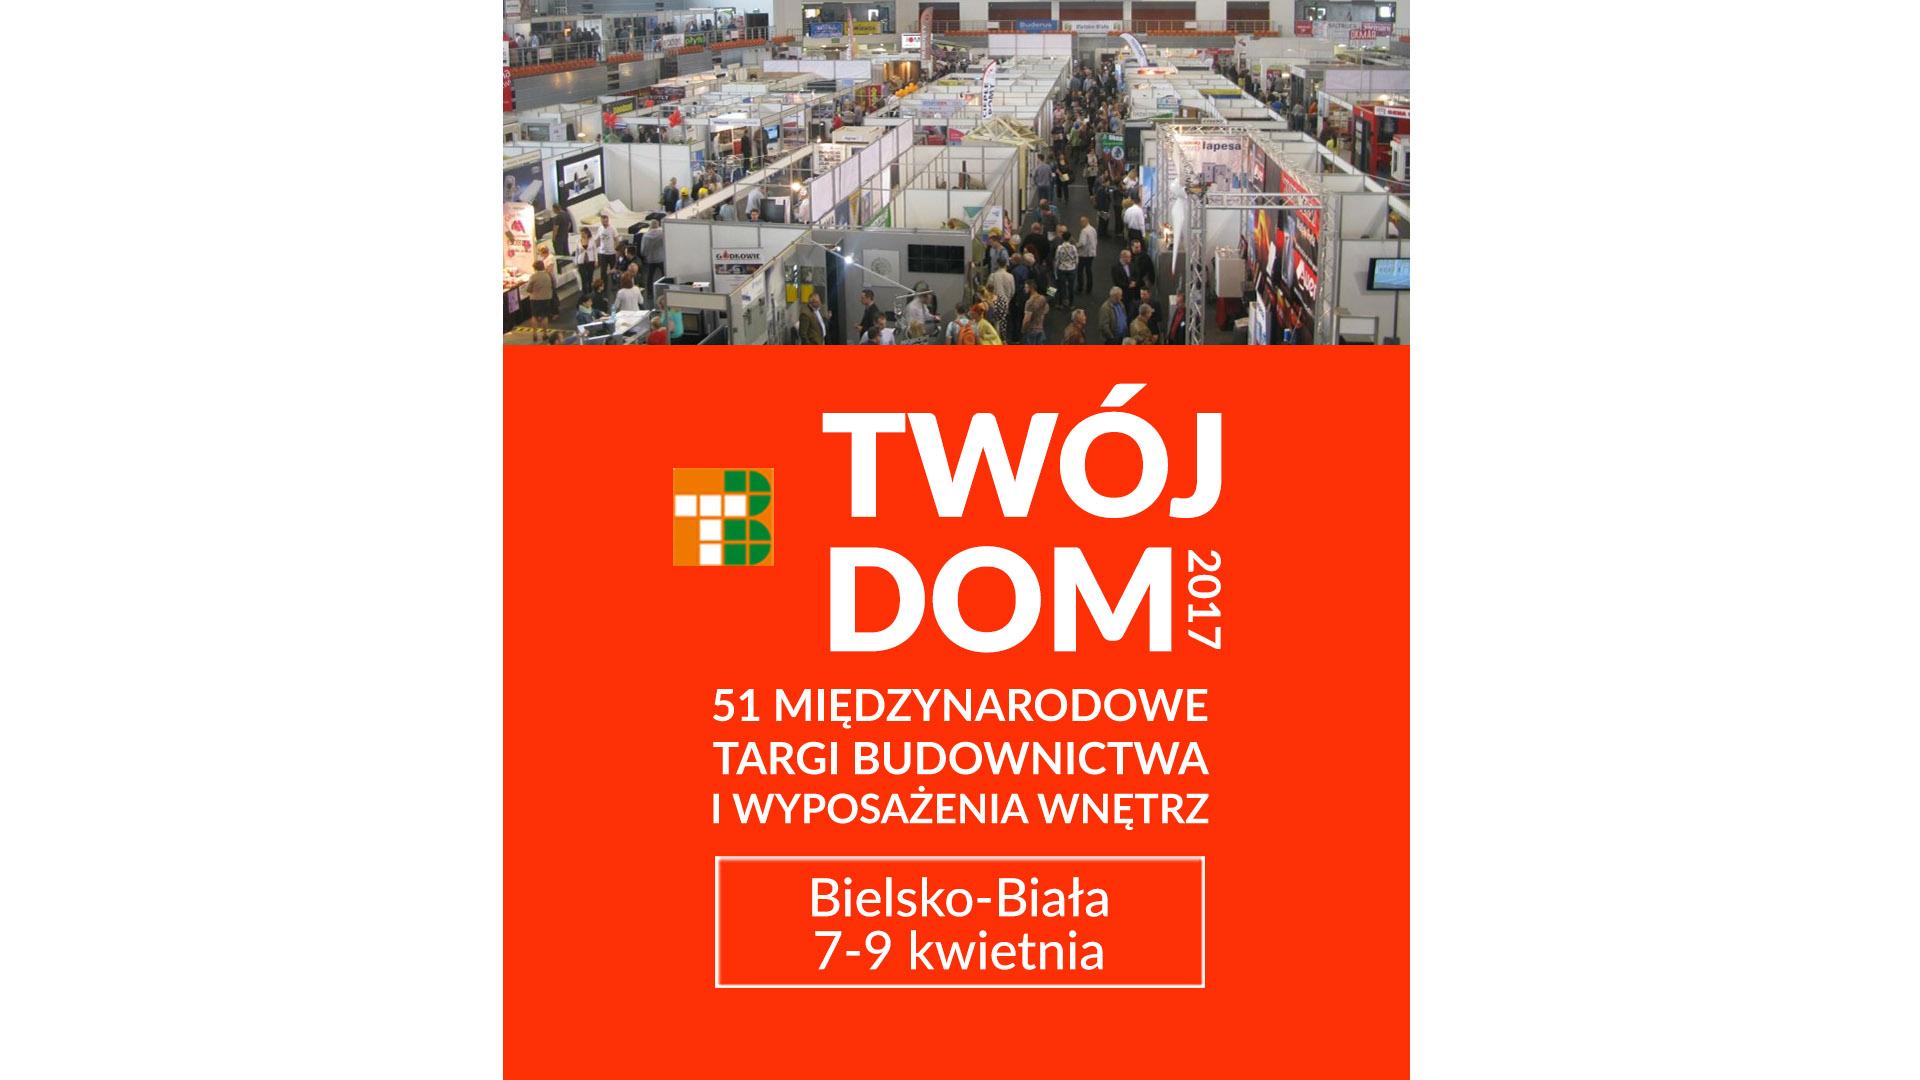 51. Międzynarodowe Targi Budownictwa i Wyposażenia Wnętrz w Bielsku-Białej